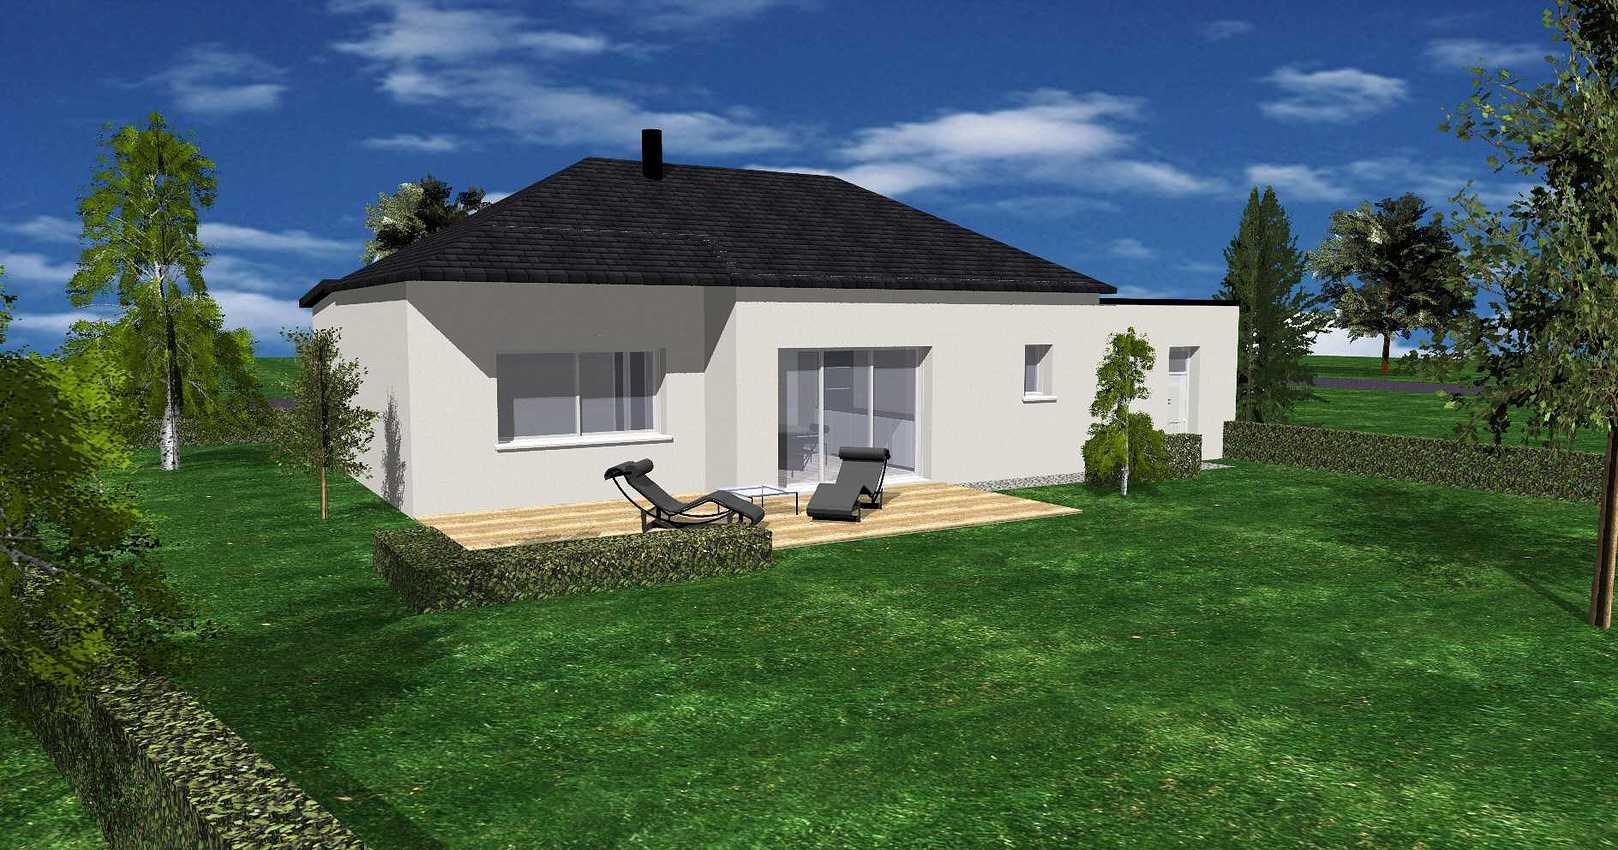 Maison de plain pied à Plédéliac de 70 m² - Secteur Lamballe(22400 ) 0.2ins